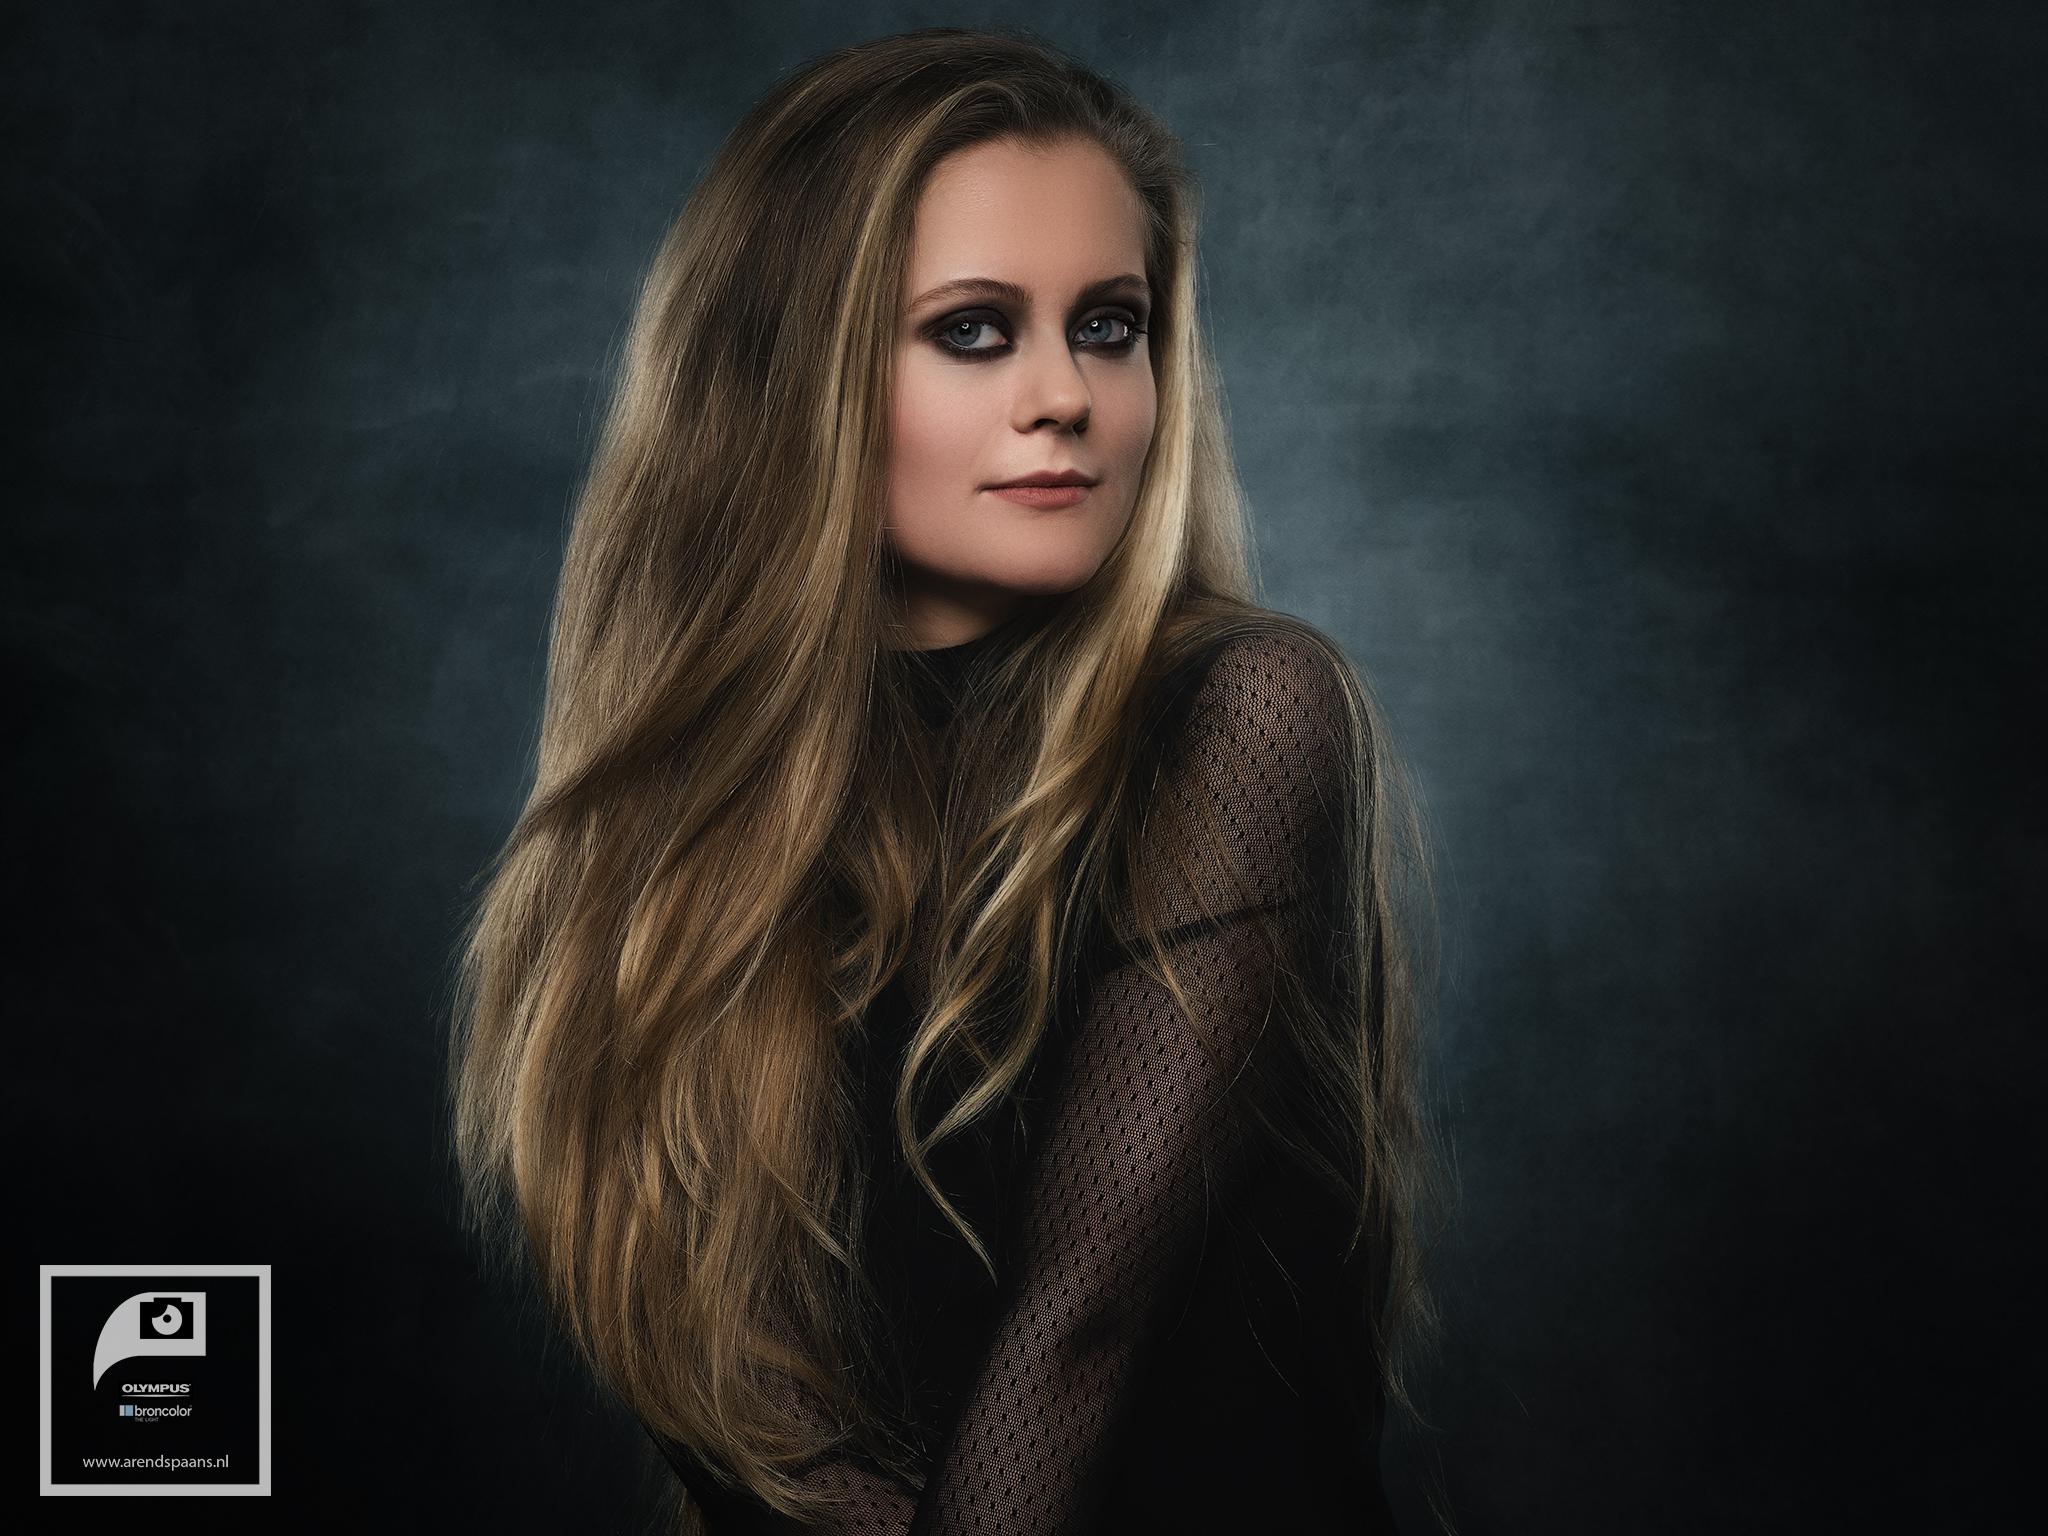 Model: Anne Visagie: Melissa van Blankendaal